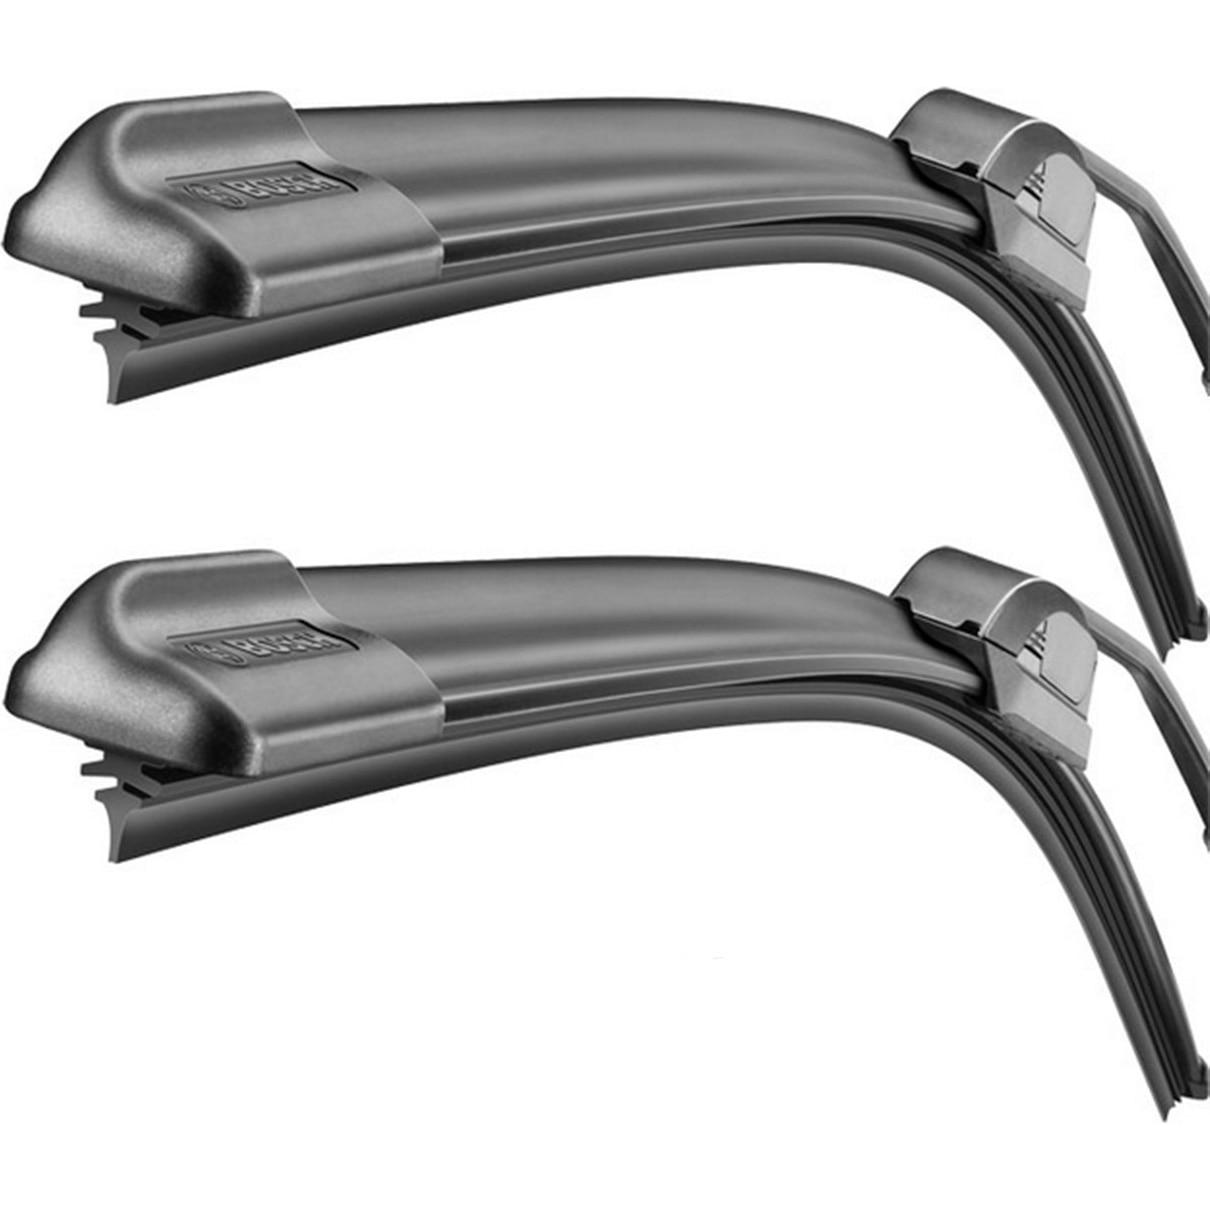 Fotografie Stergator Bosch AeroTwin Retrofit, pentru parbriz 70 cm, pentru prindere clasica (carlig)